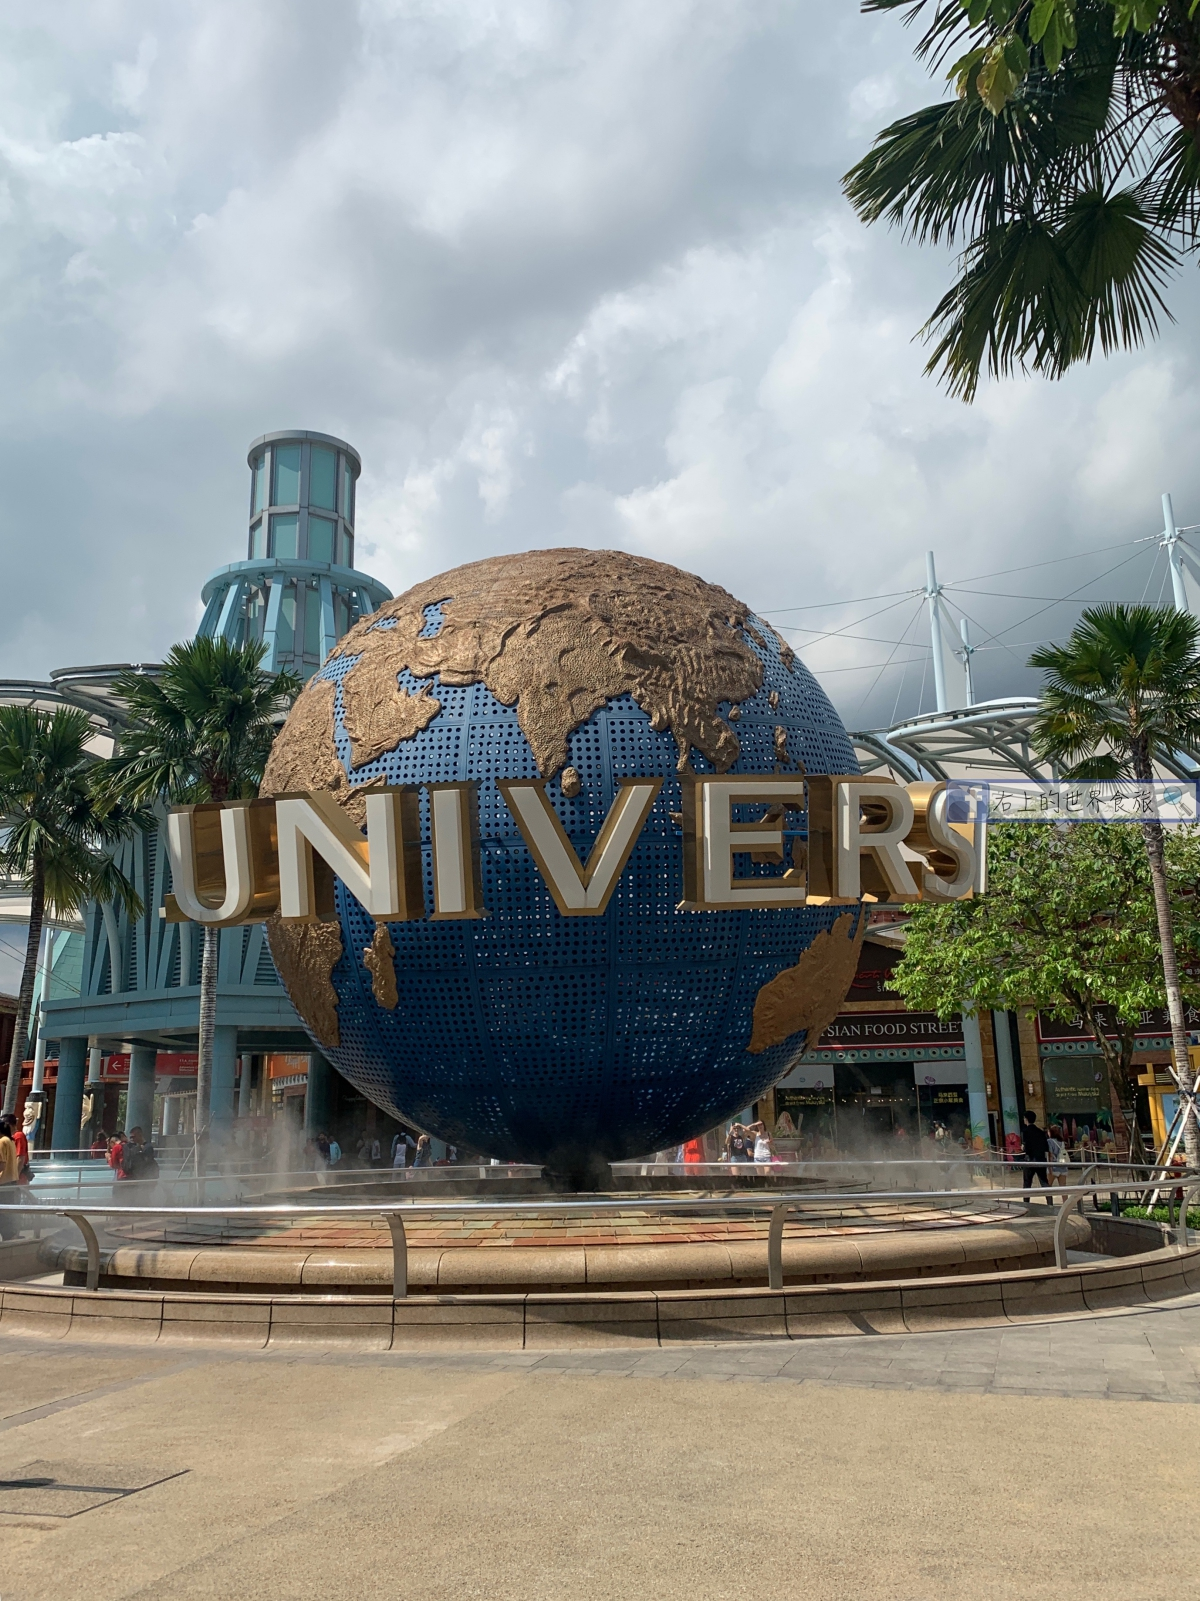 新馬行程之2-新加坡環球影城全攻略 @右上的世界食旅